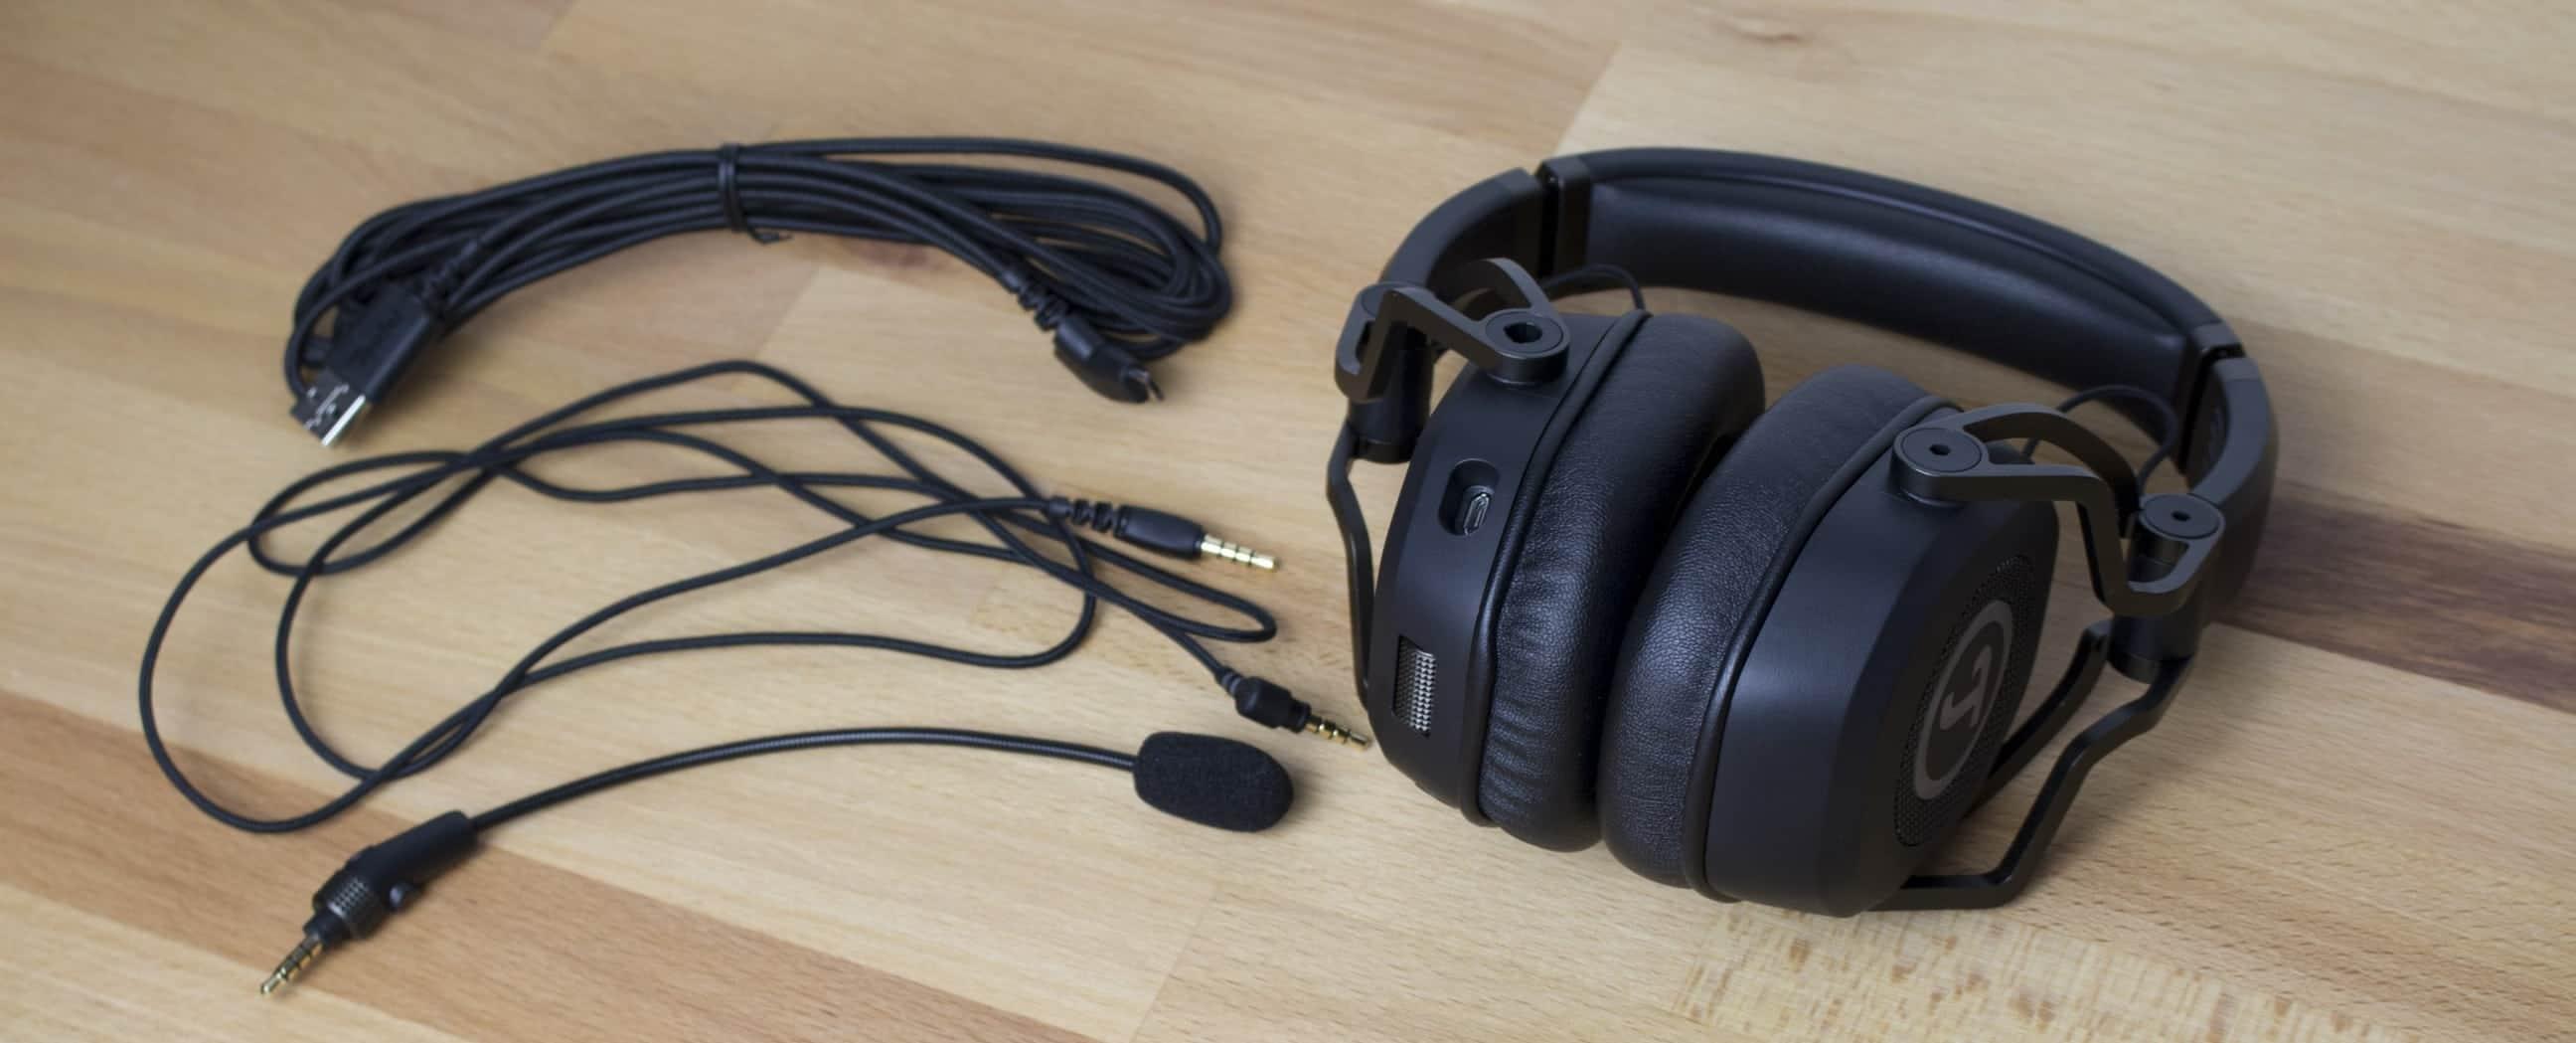 teufel cage hervorragendes erstes gaming headset aus berlin. Black Bedroom Furniture Sets. Home Design Ideas